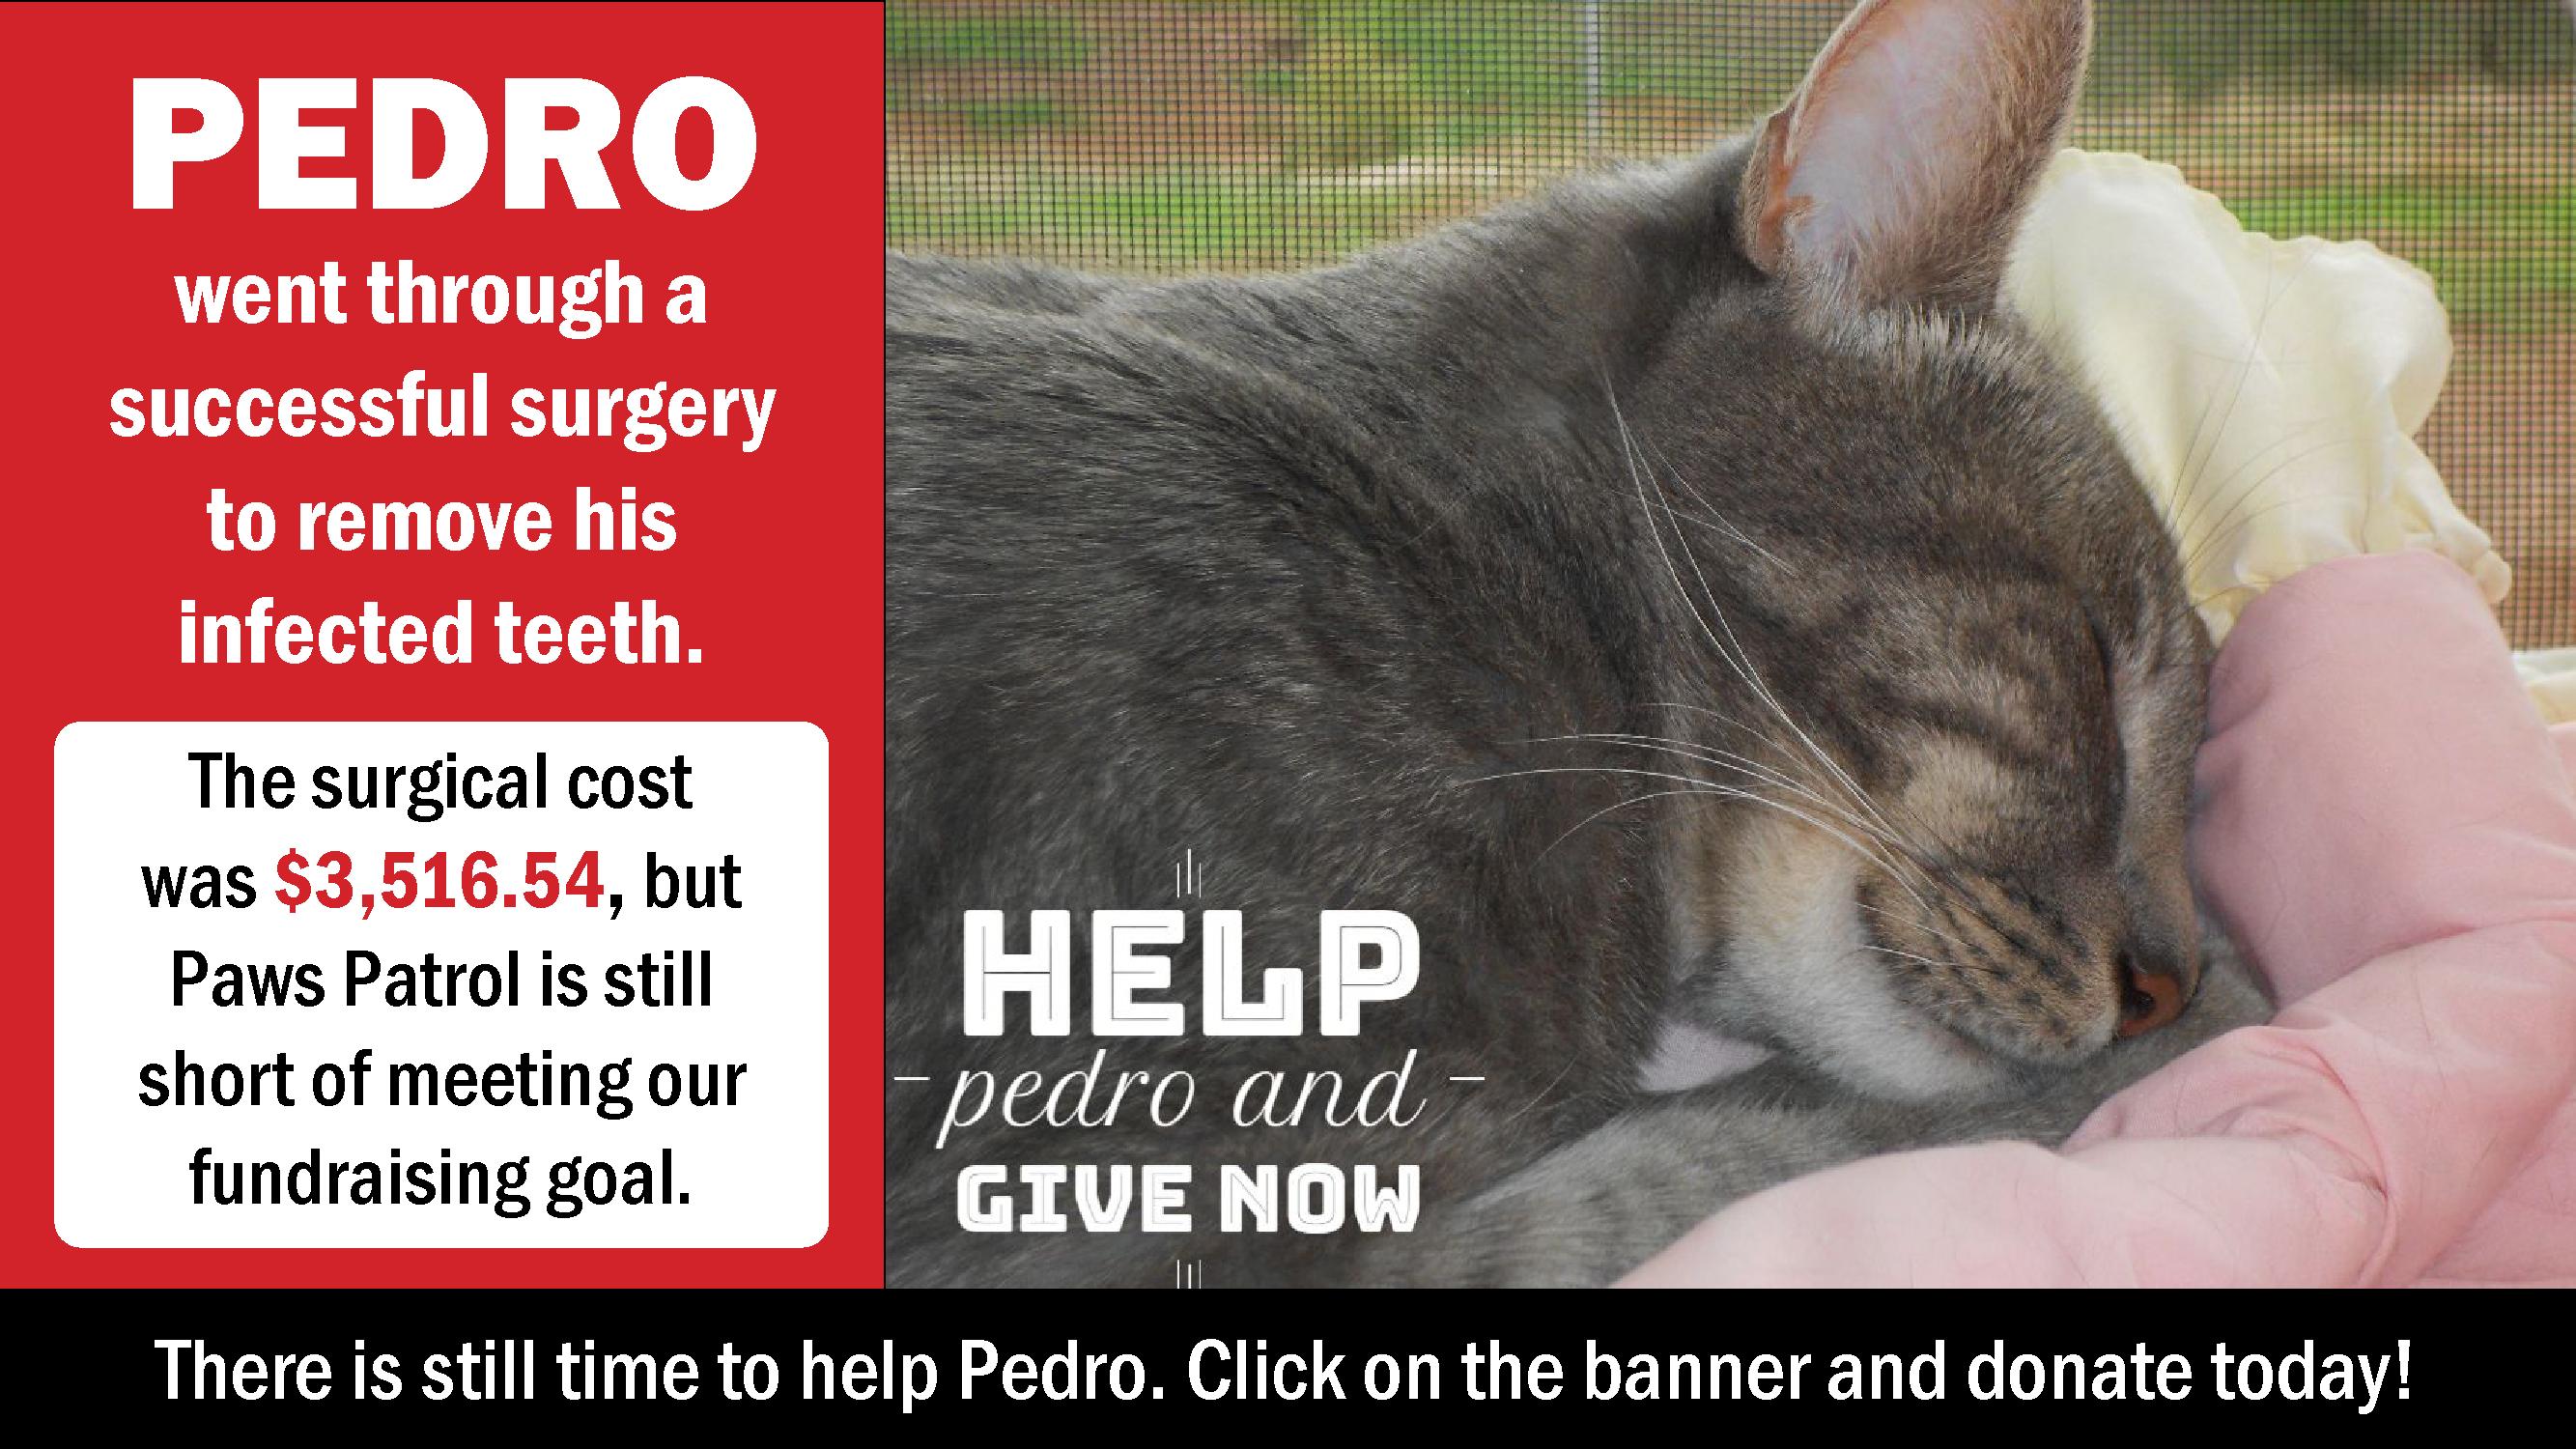 Pedro, gray tabby, sleeping.